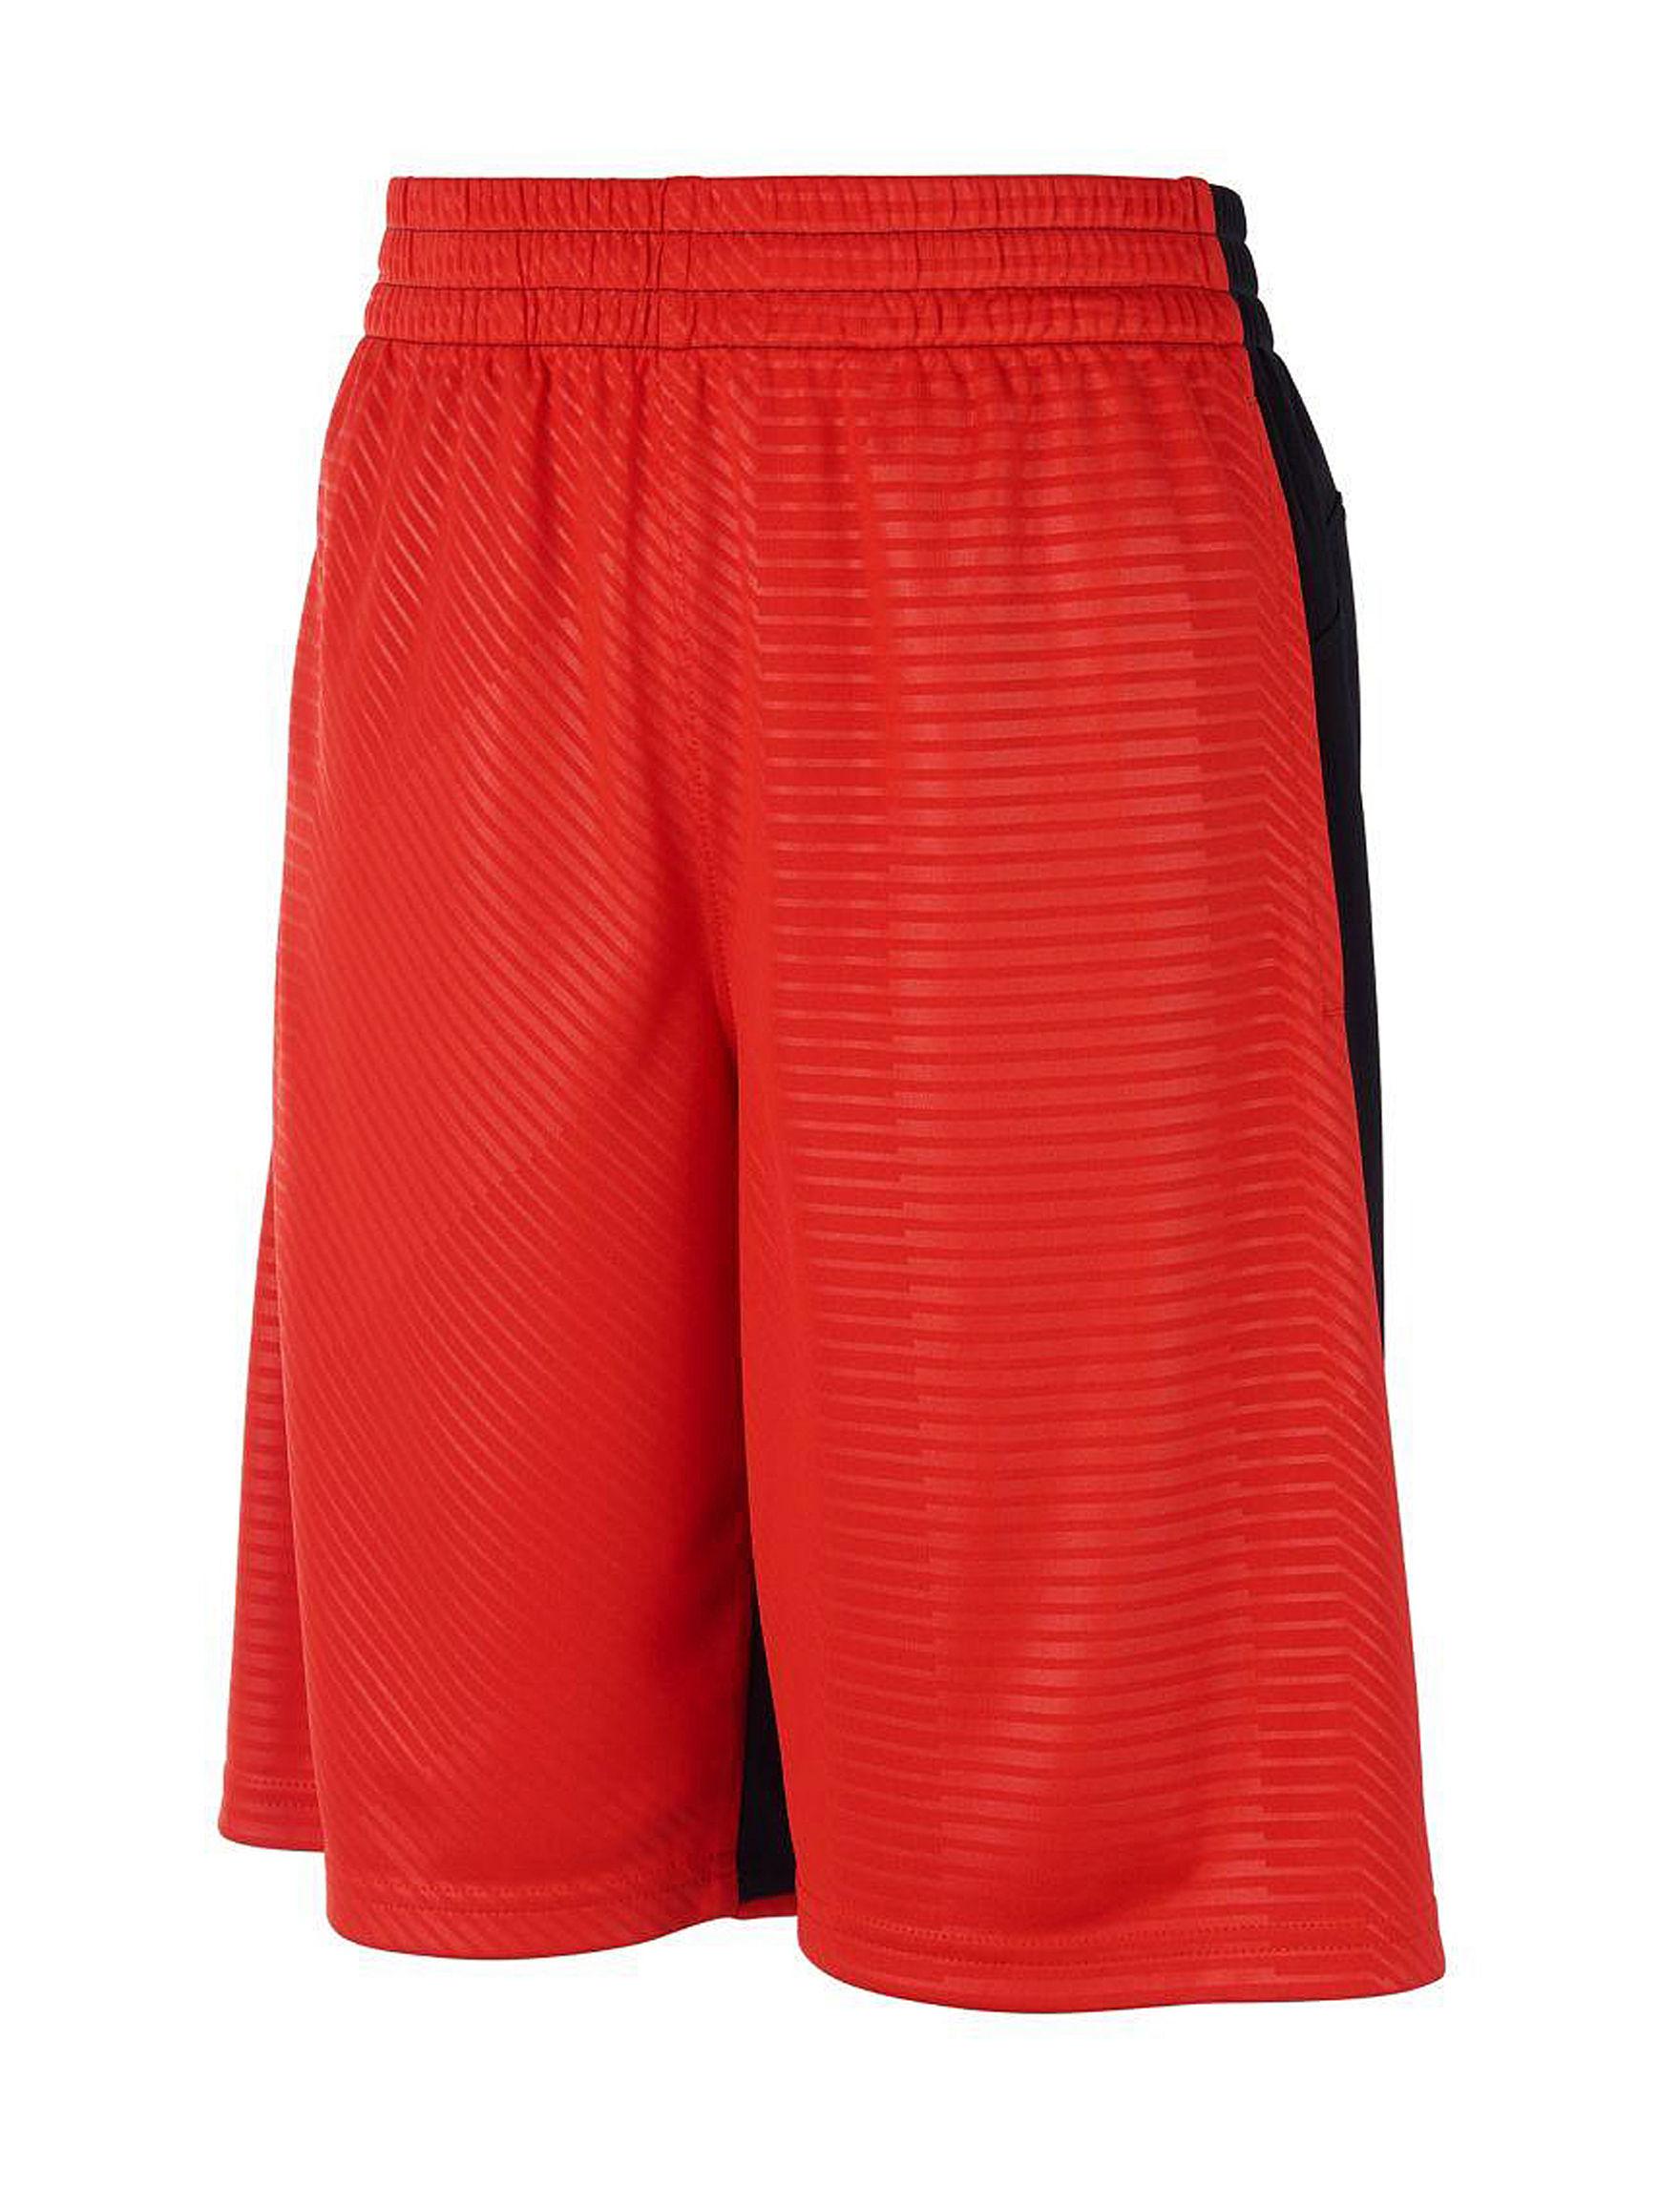 Adidas Bright Orange Loose